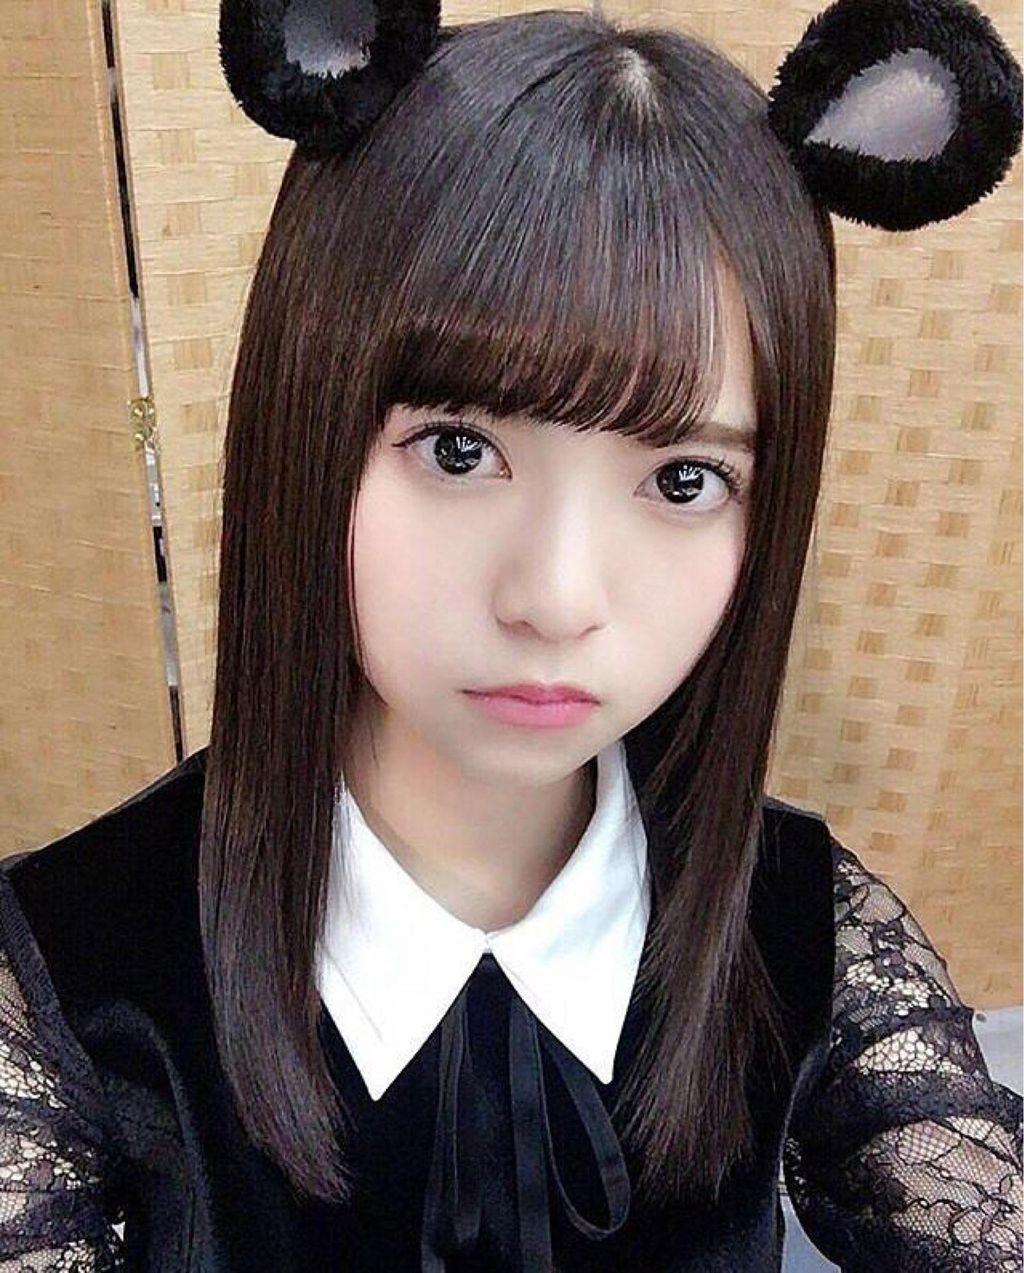 乃木坂46<齋藤飛鳥>チンチクリン感が可愛い娘www